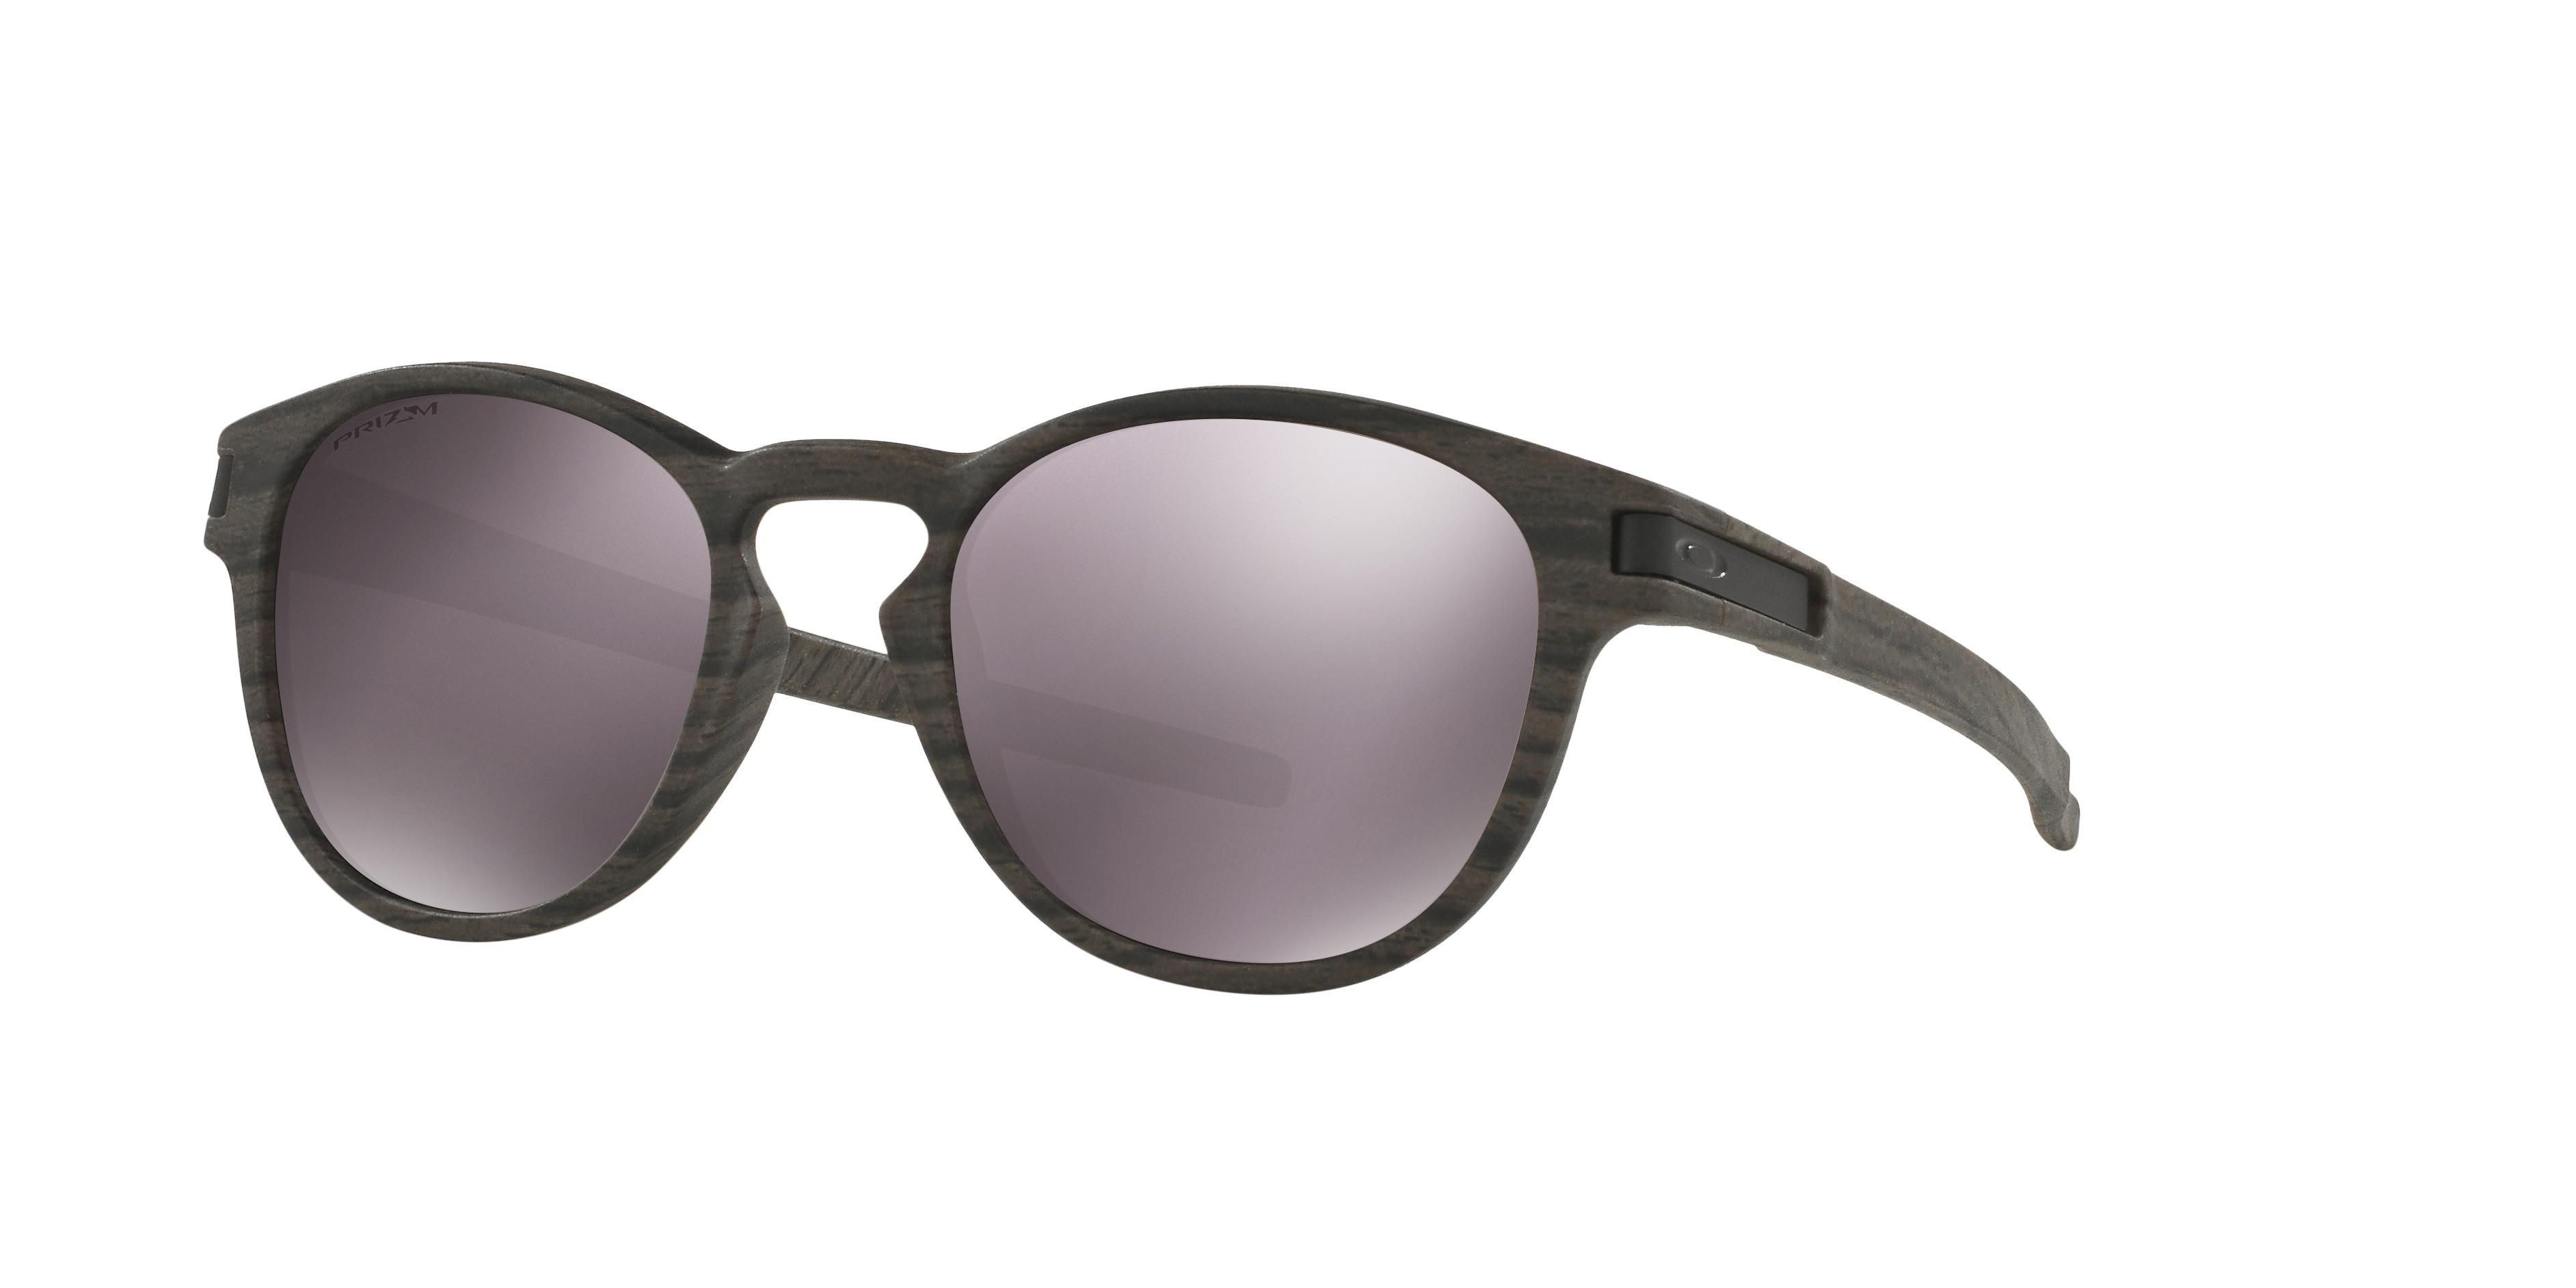 9f73ff09e32 Authentic Oakley Latch Prescription Sunglasses